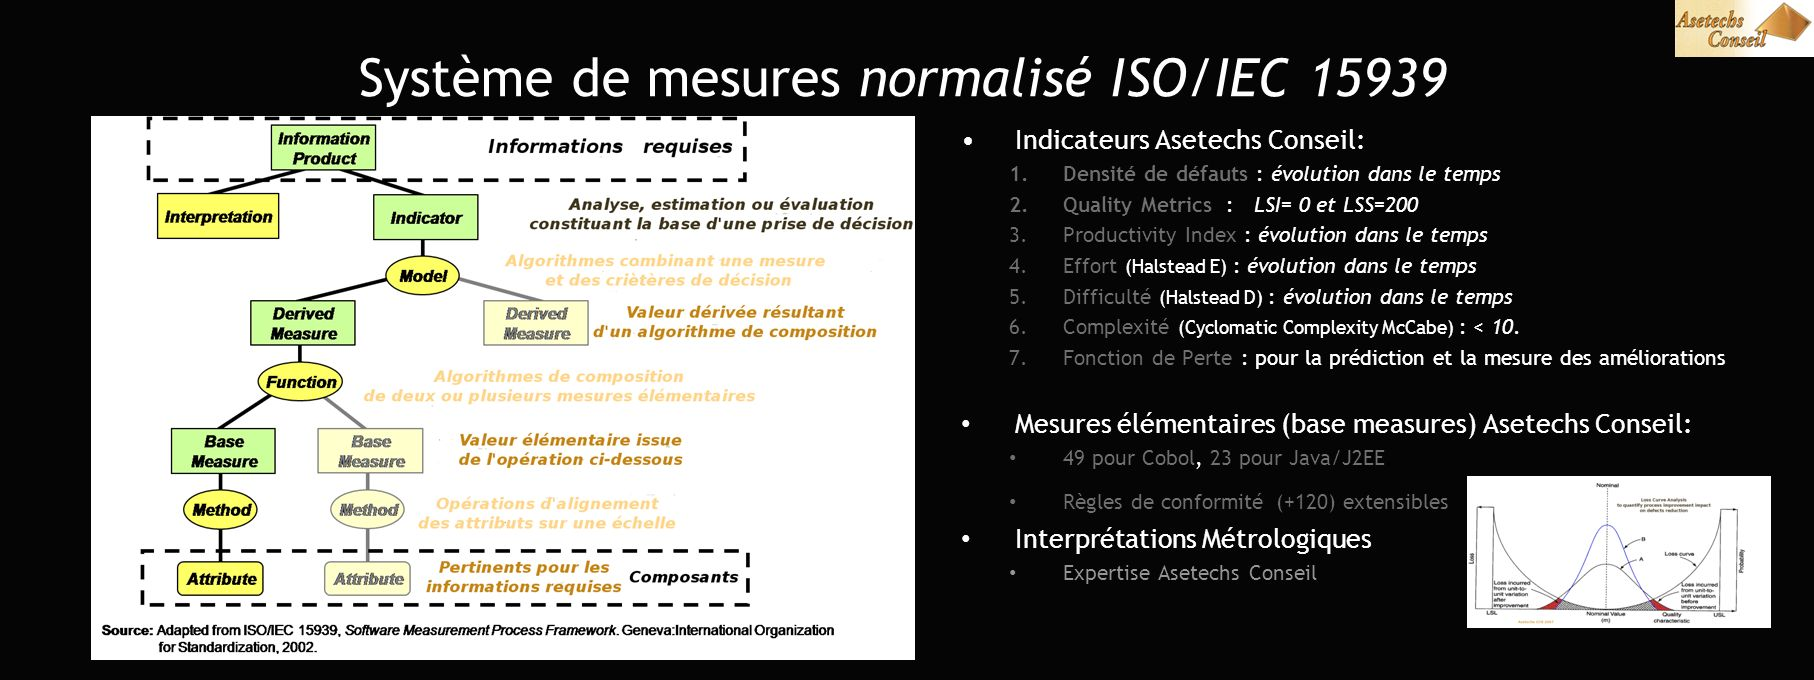 Système de mesures normalisé ISO/IEC 15939 Indicateurs Asetechs Conseil: 1.Densité de défauts : évolution dans le temps 2.Quality Metrics : LSI= 0 et LSS=200 3.Productivity Index : évolution dans le temps 4.Effort (Halstead E) : évolution dans le temps 5.Difficulté (Halstead D) : évolution dans le temps 6.Complexité (Cyclomatic Complexity McCabe) : < 10.